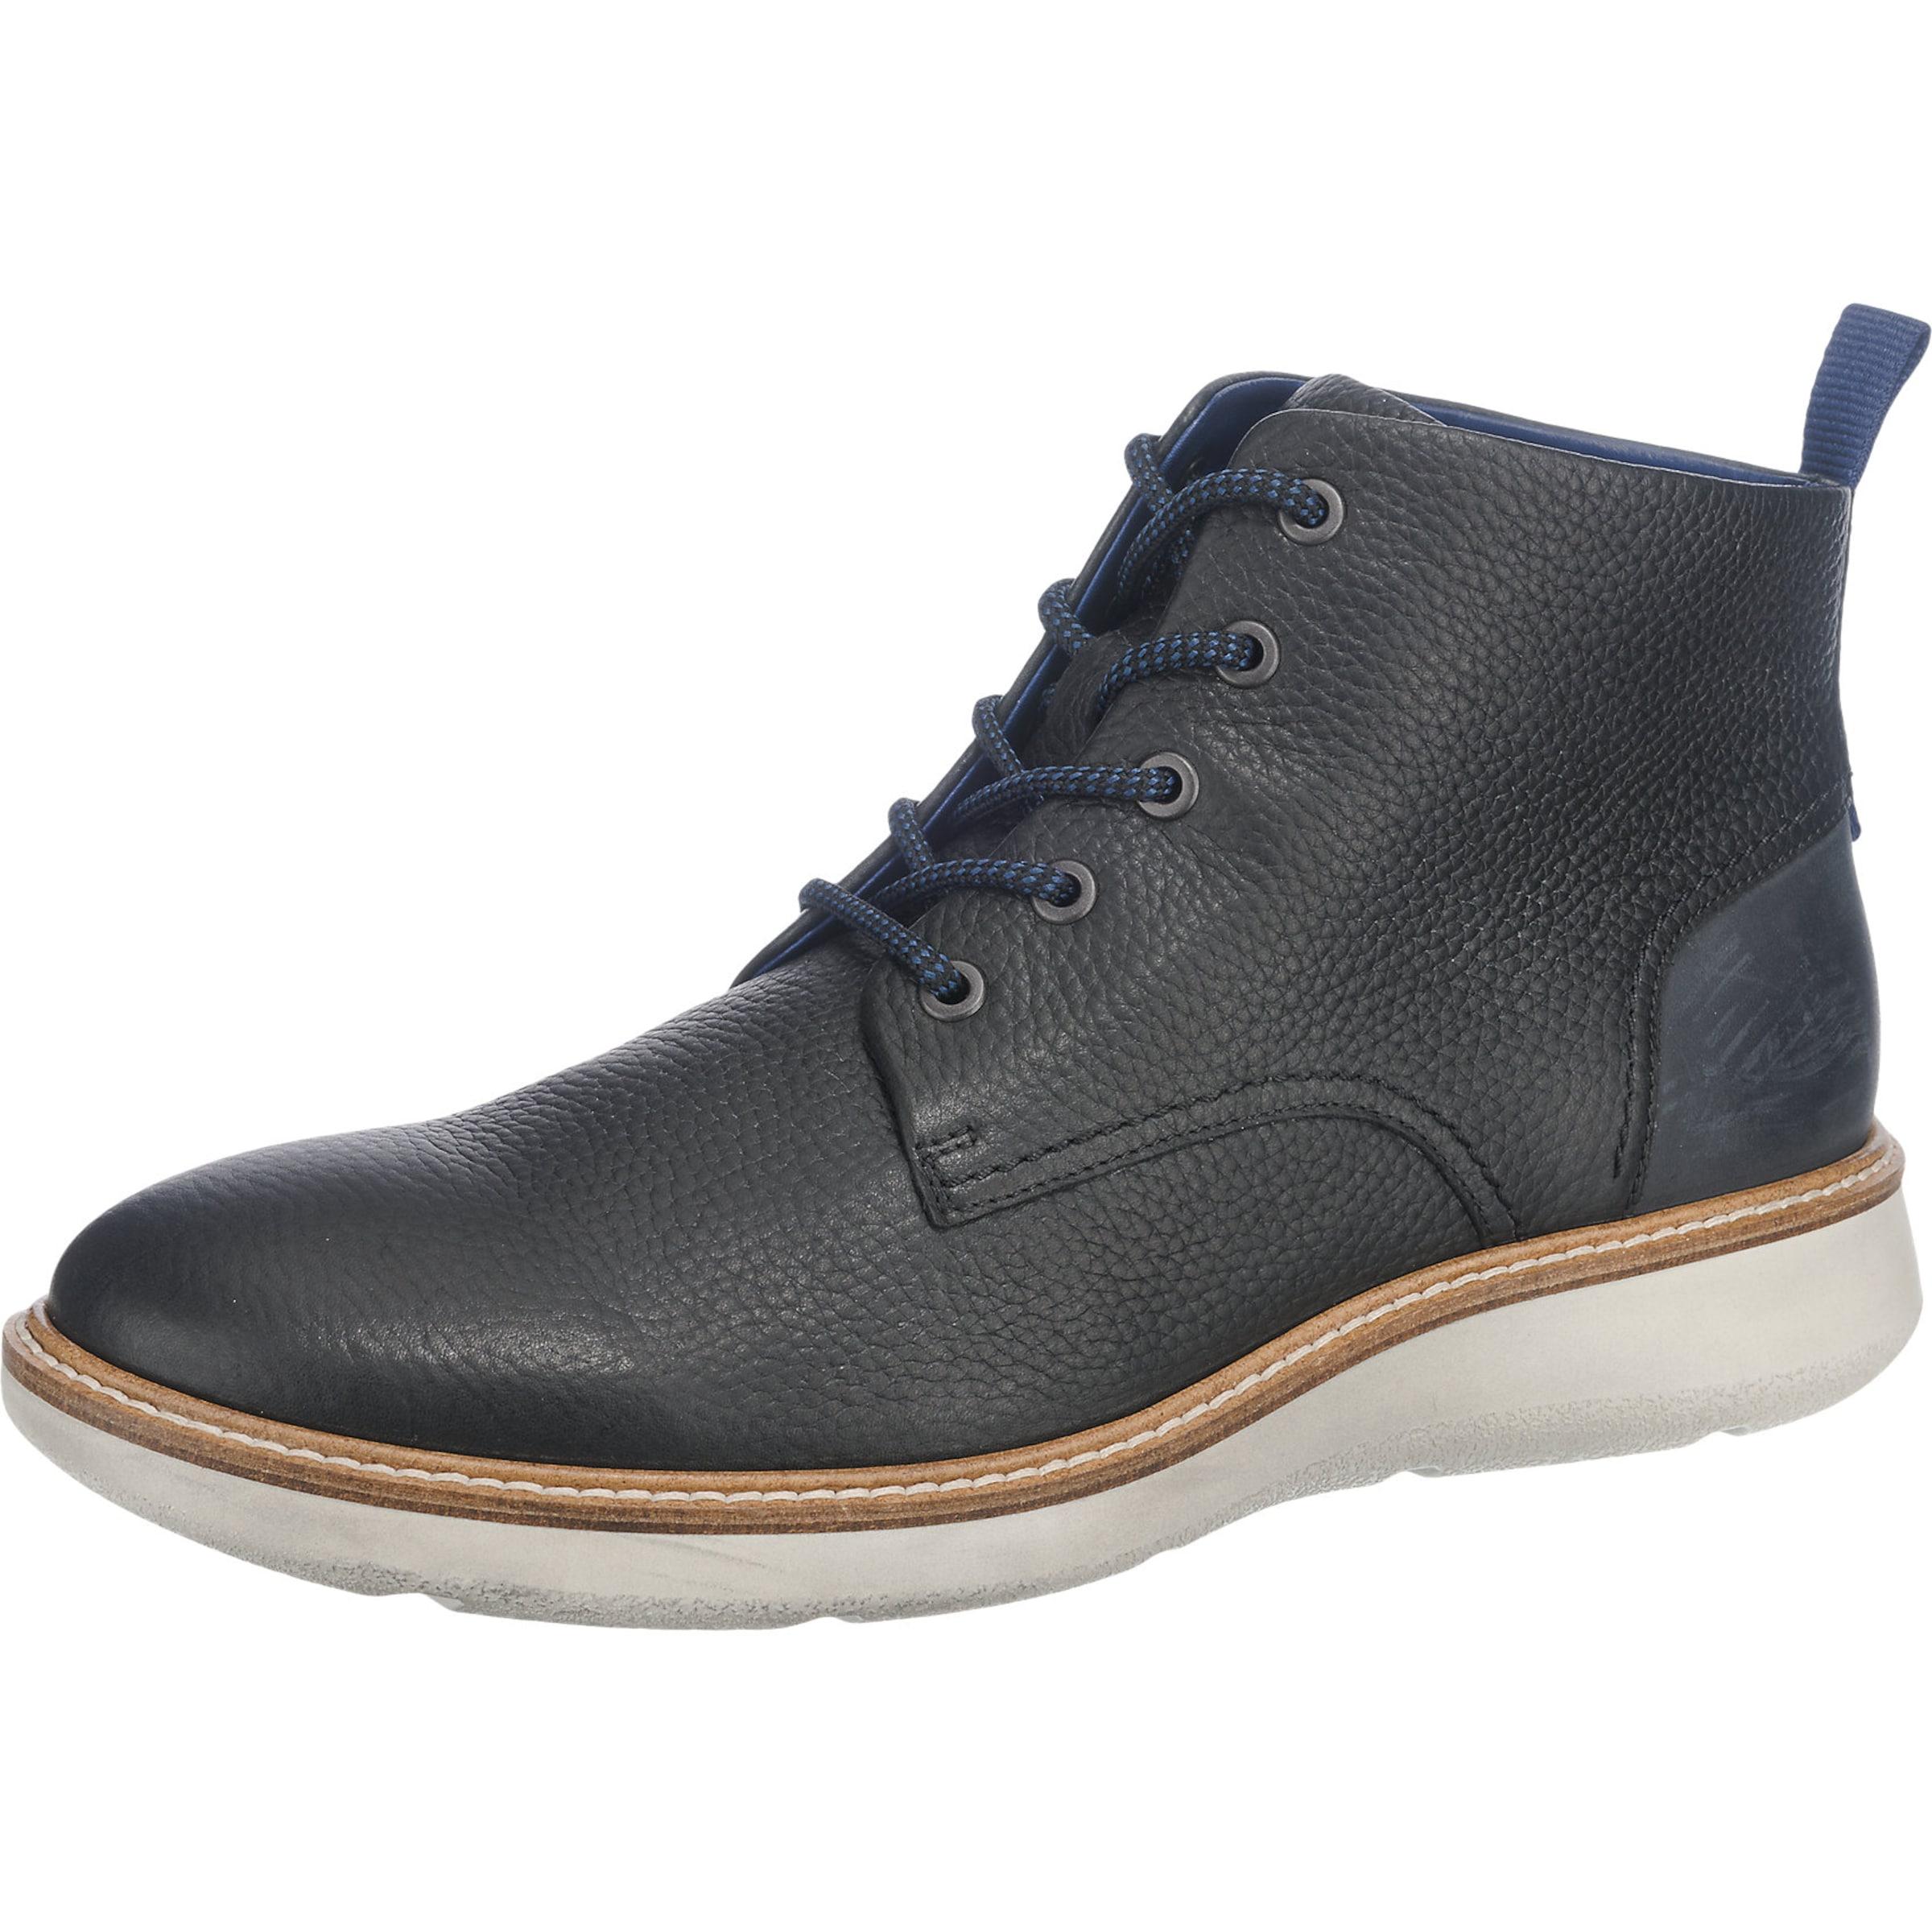 ECCO Aurora Stiefeletten Günstige und langlebige Schuhe